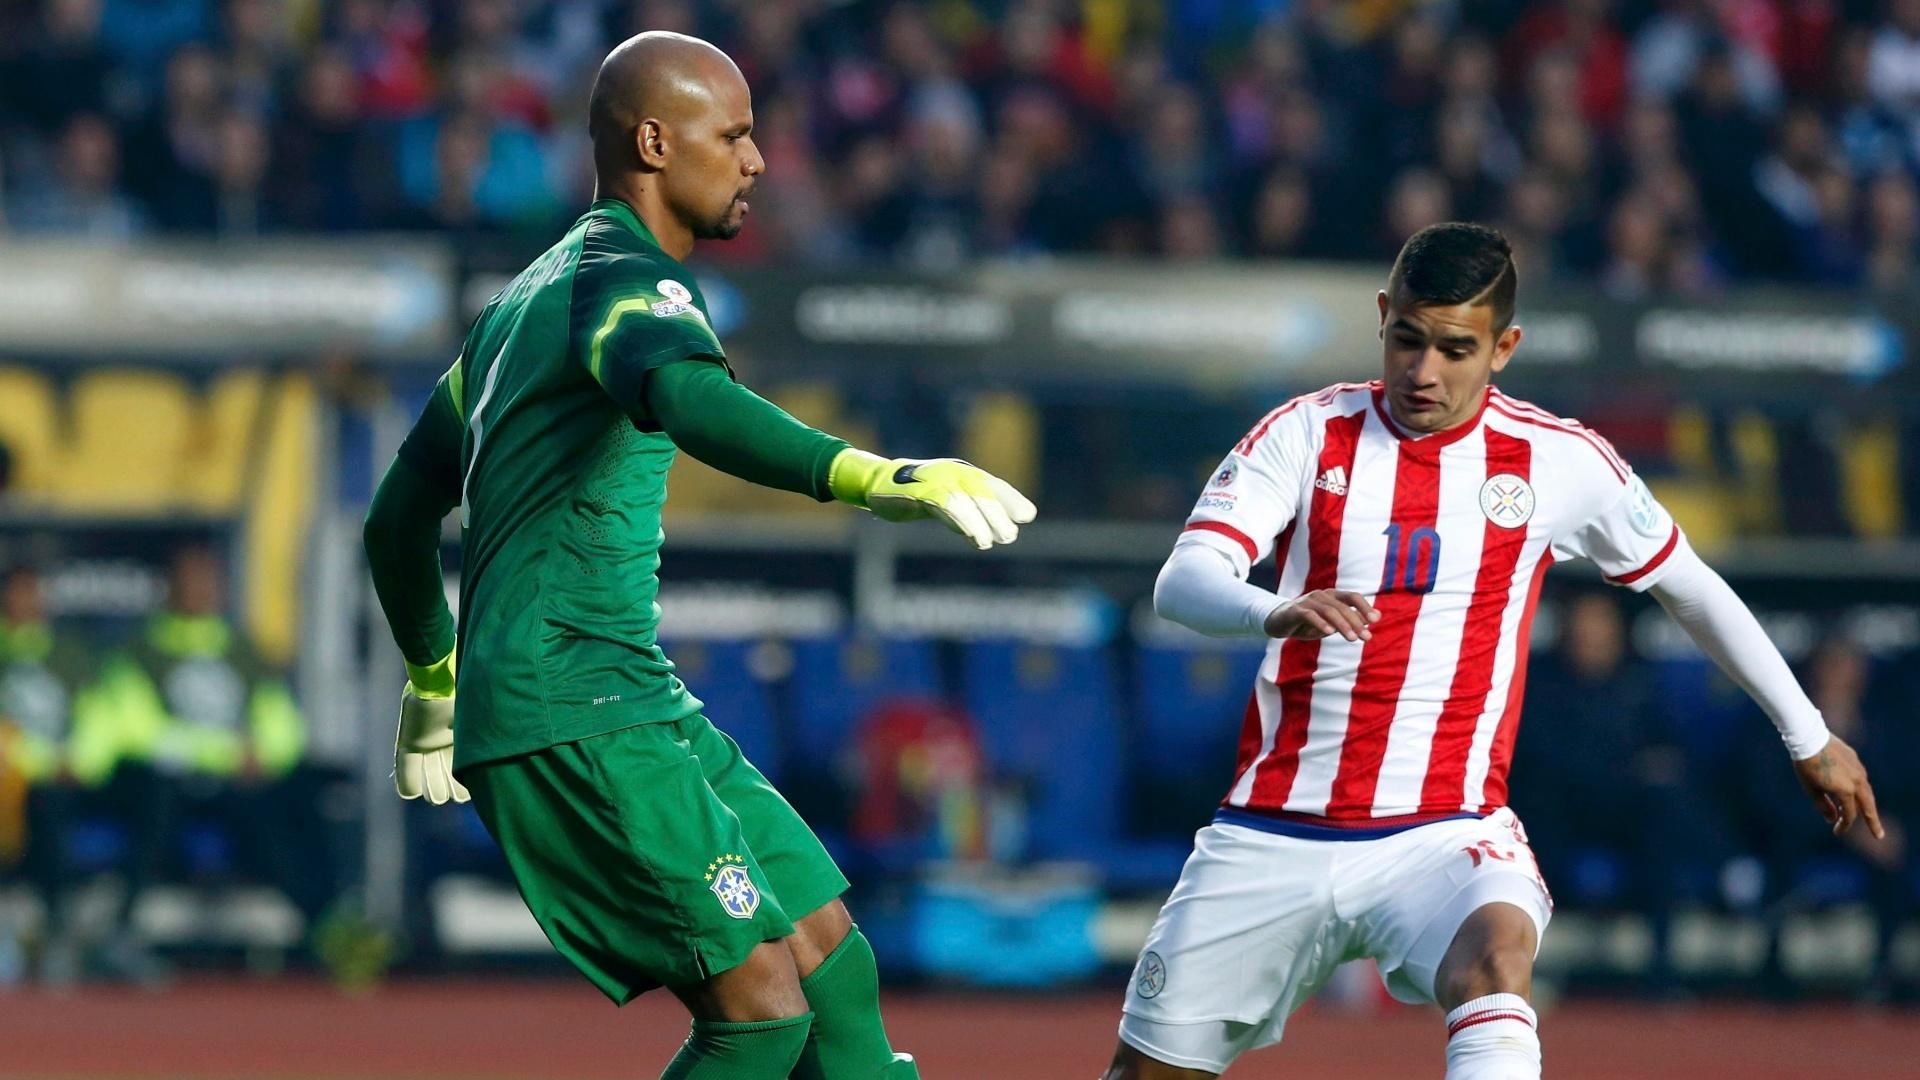 Jefferson trabalha com os pés na frente de Derlis Gonzalez, em jogo entre Brasil e Paraguai nas quartas de final da Copa América